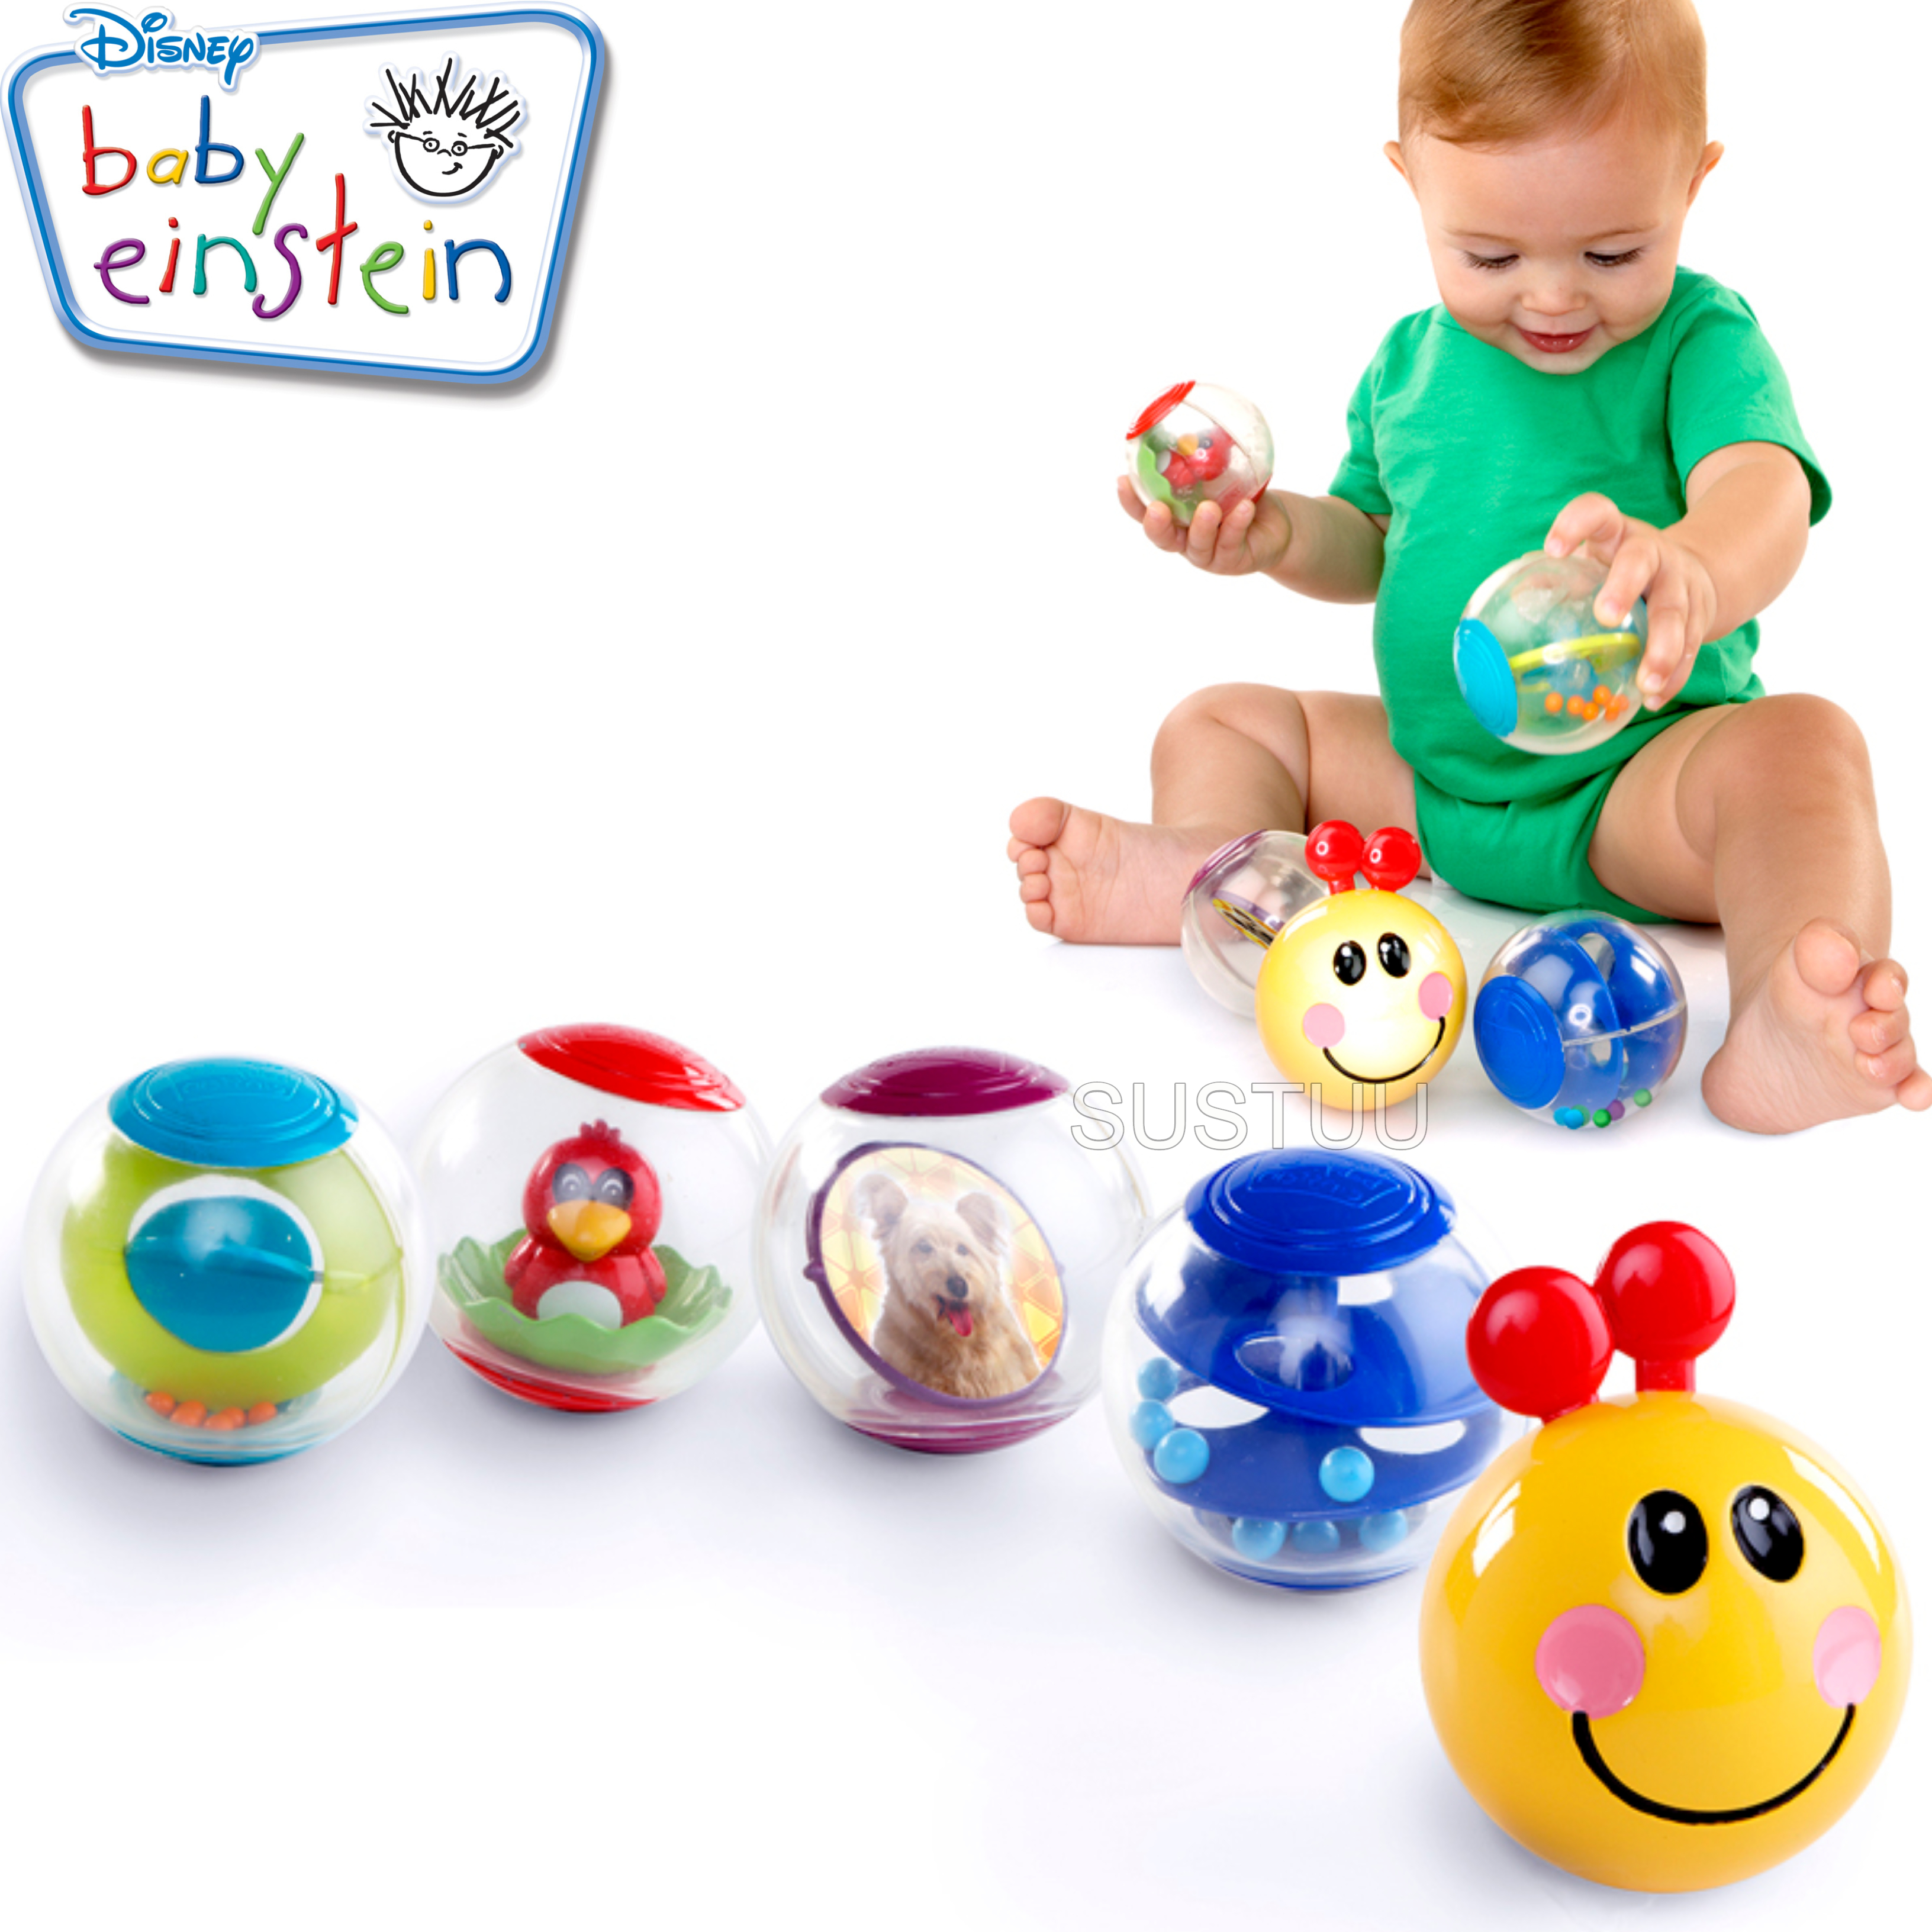 Baby Einstein Roller-Pillar Activity Balls | Kids Learning Toy With Mirror+Rattle